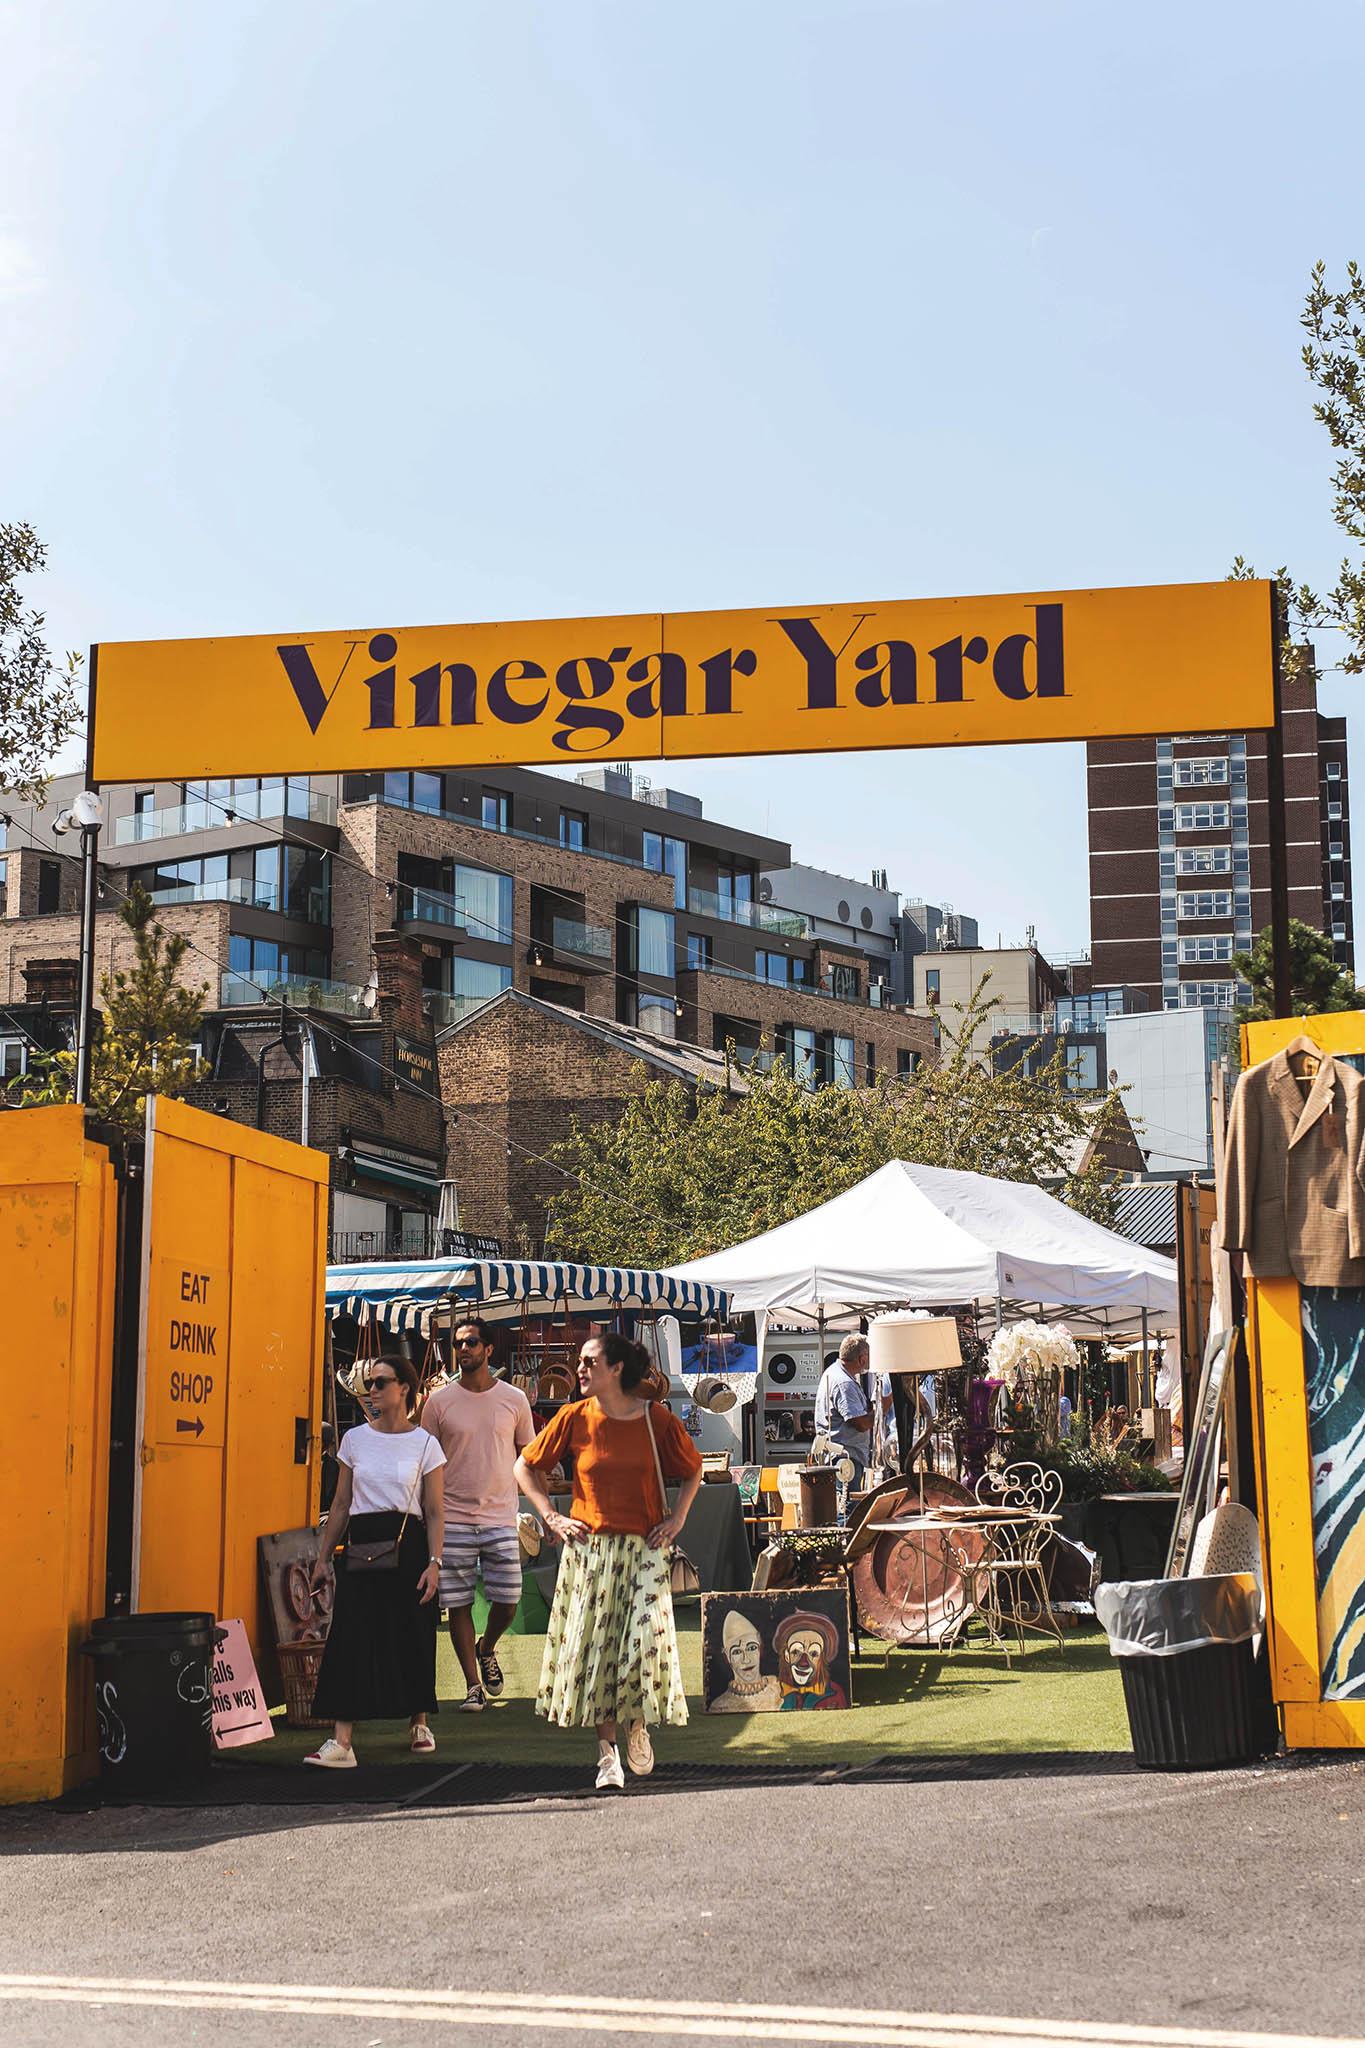 Vinegar Yard